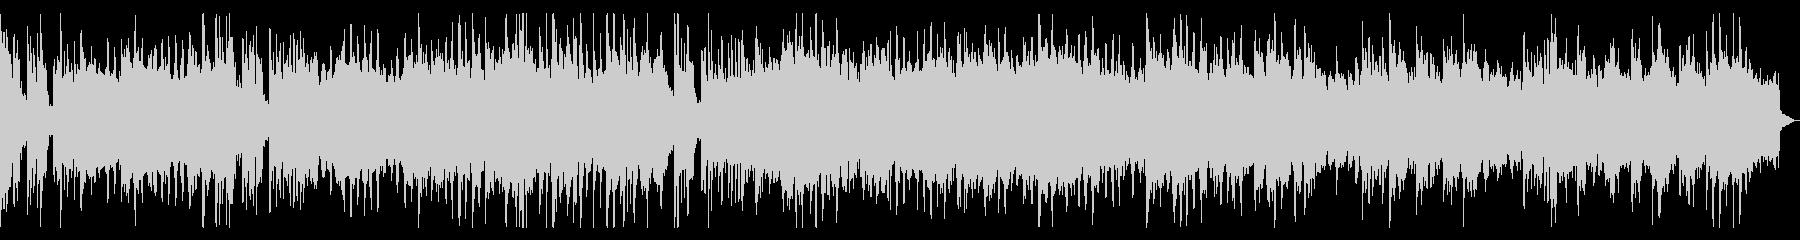 トルコ行進曲 モーツァルト シンセ版の未再生の波形